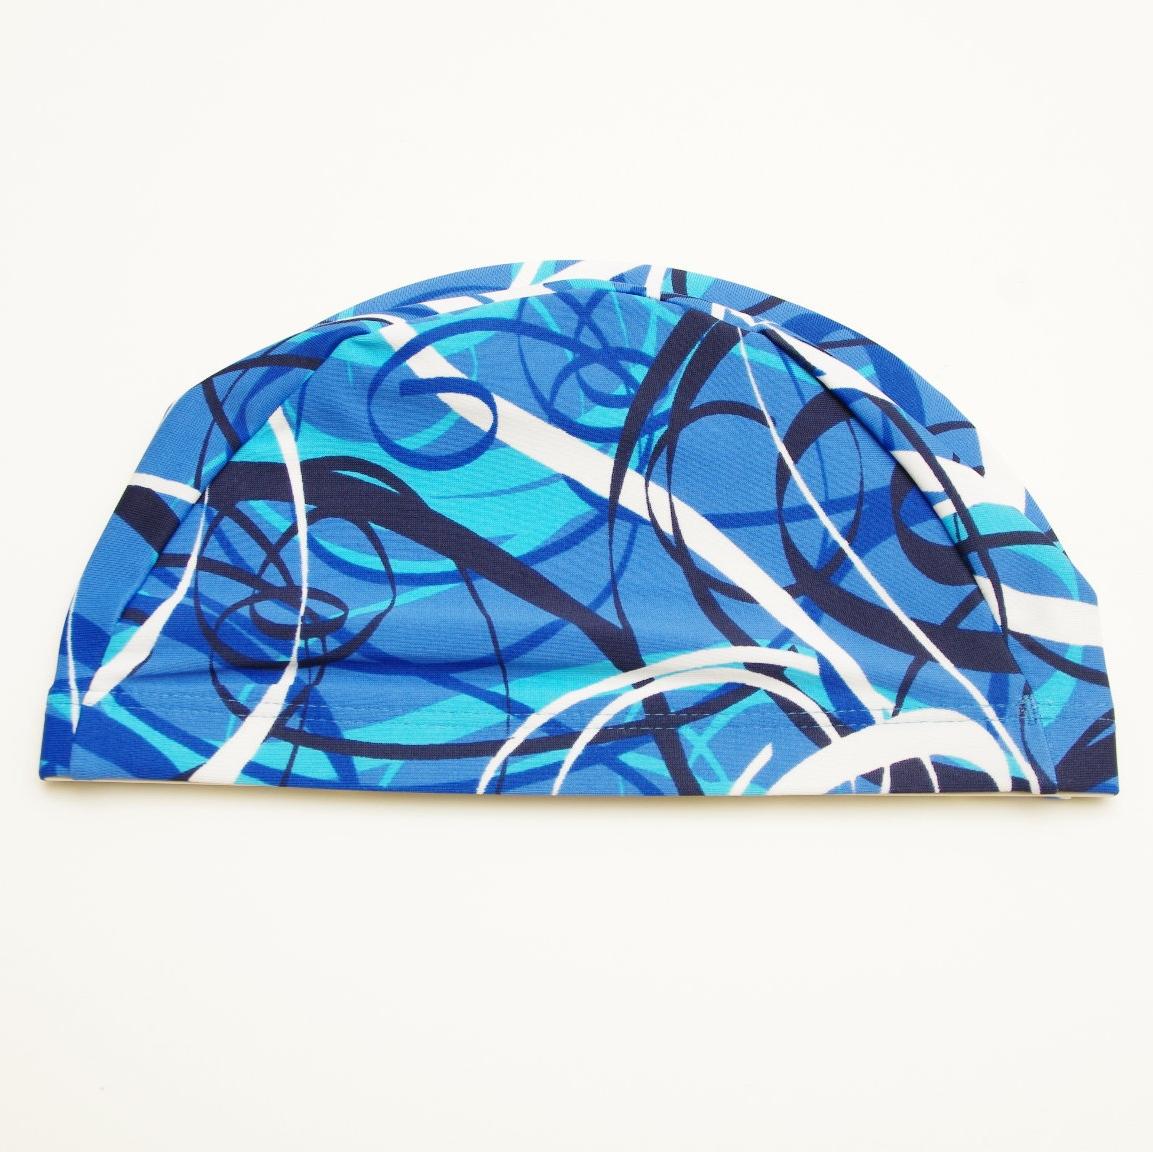 水泳帽レディース スイムキャップ 大人用 フリーサイズ F164751